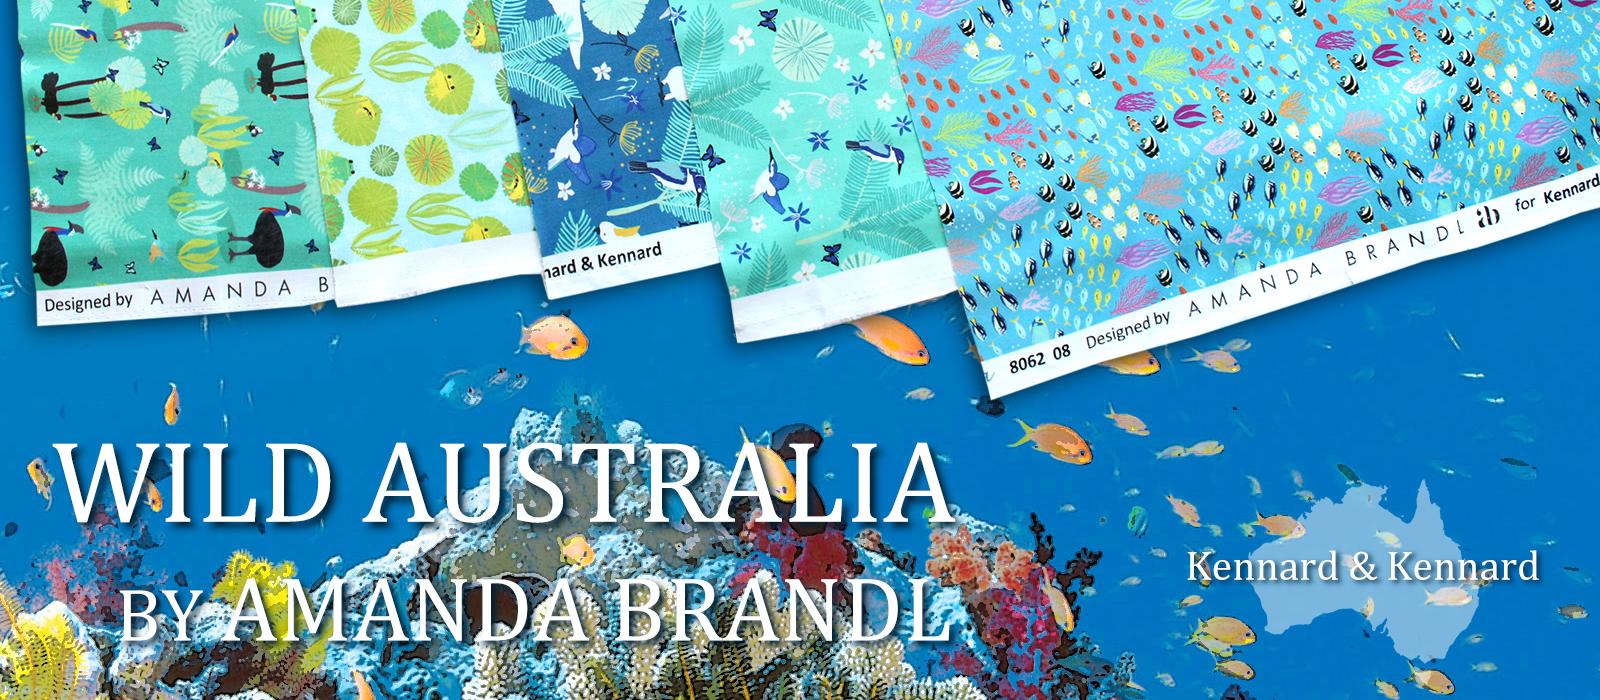 オーストラリアからやってきた大自然 Kennard & Kennard Wild Australia Collection